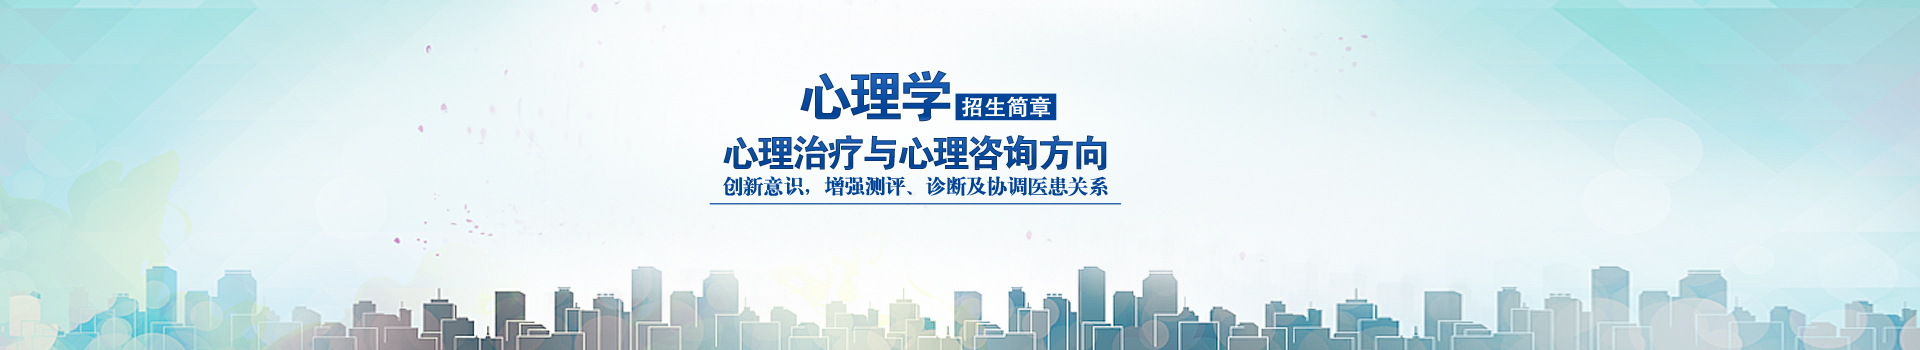 中国科学院心理研究所(心理治疗与心理咨询方向)在职研究生招生简章